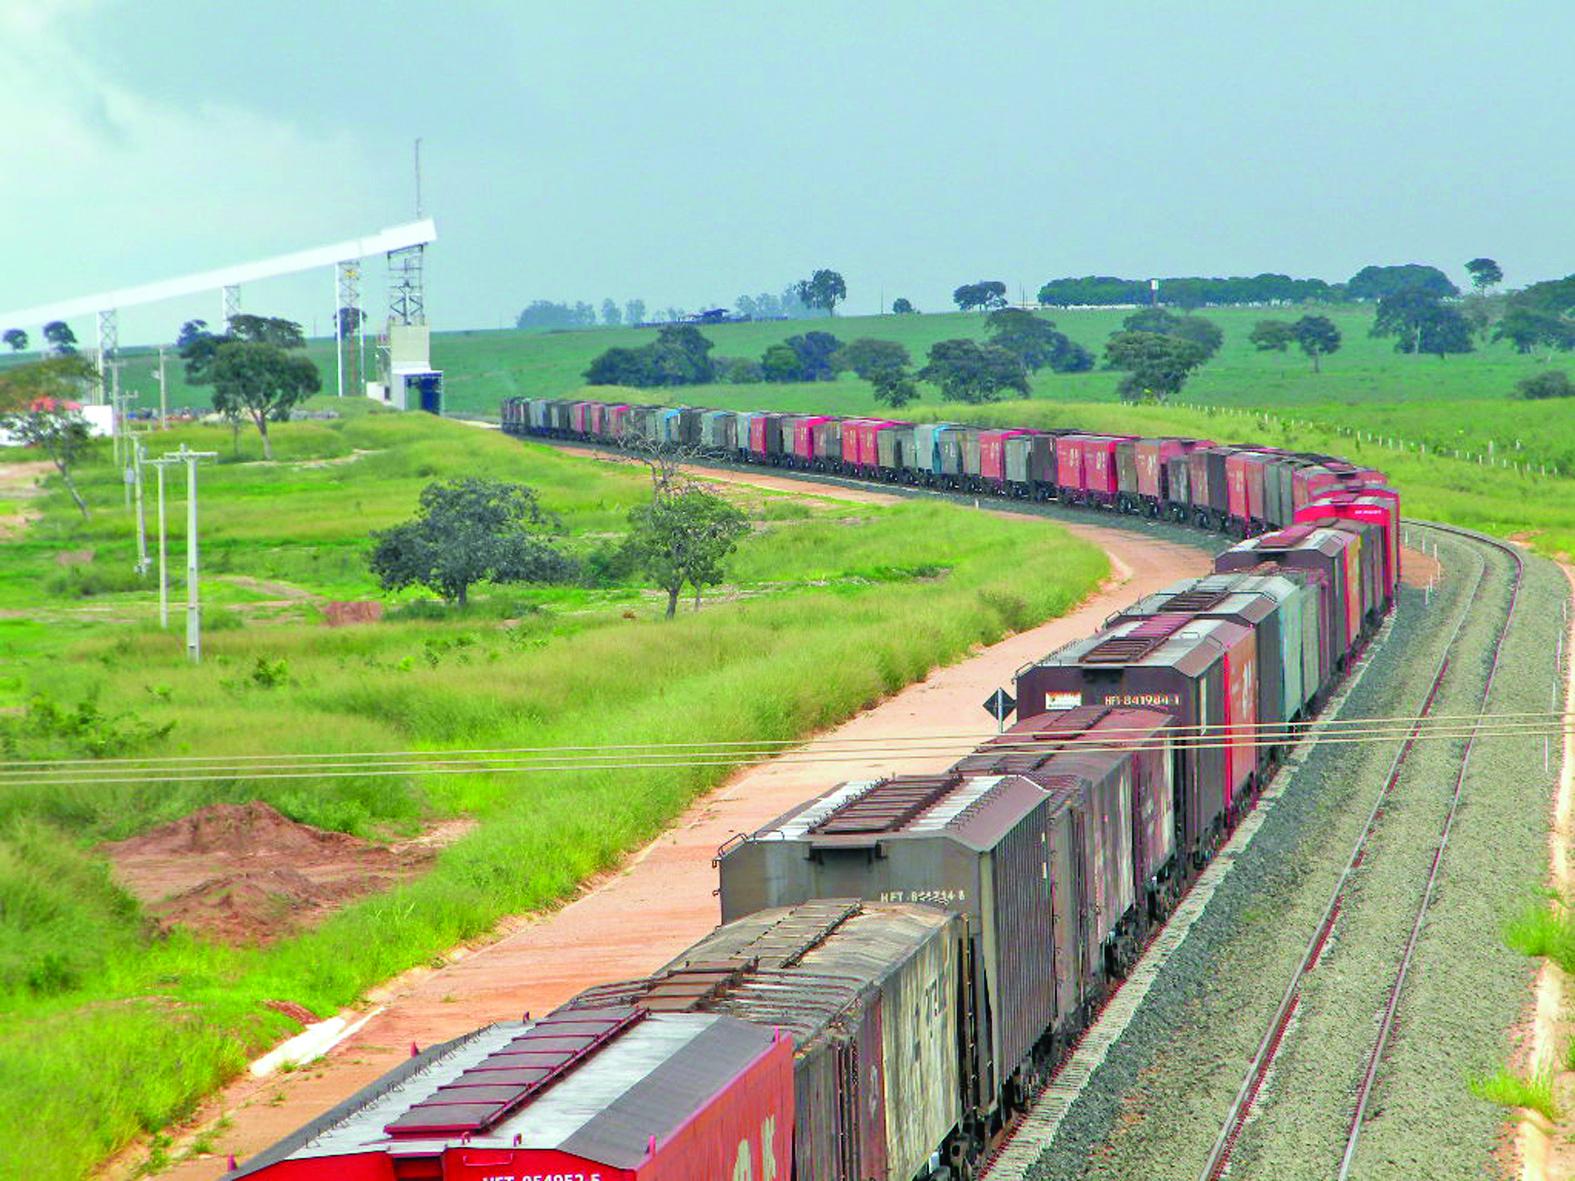 Ferrovia-all-realiza-carregamento-teste-de-graos-de-soja-em-itiquira1-02-05-12